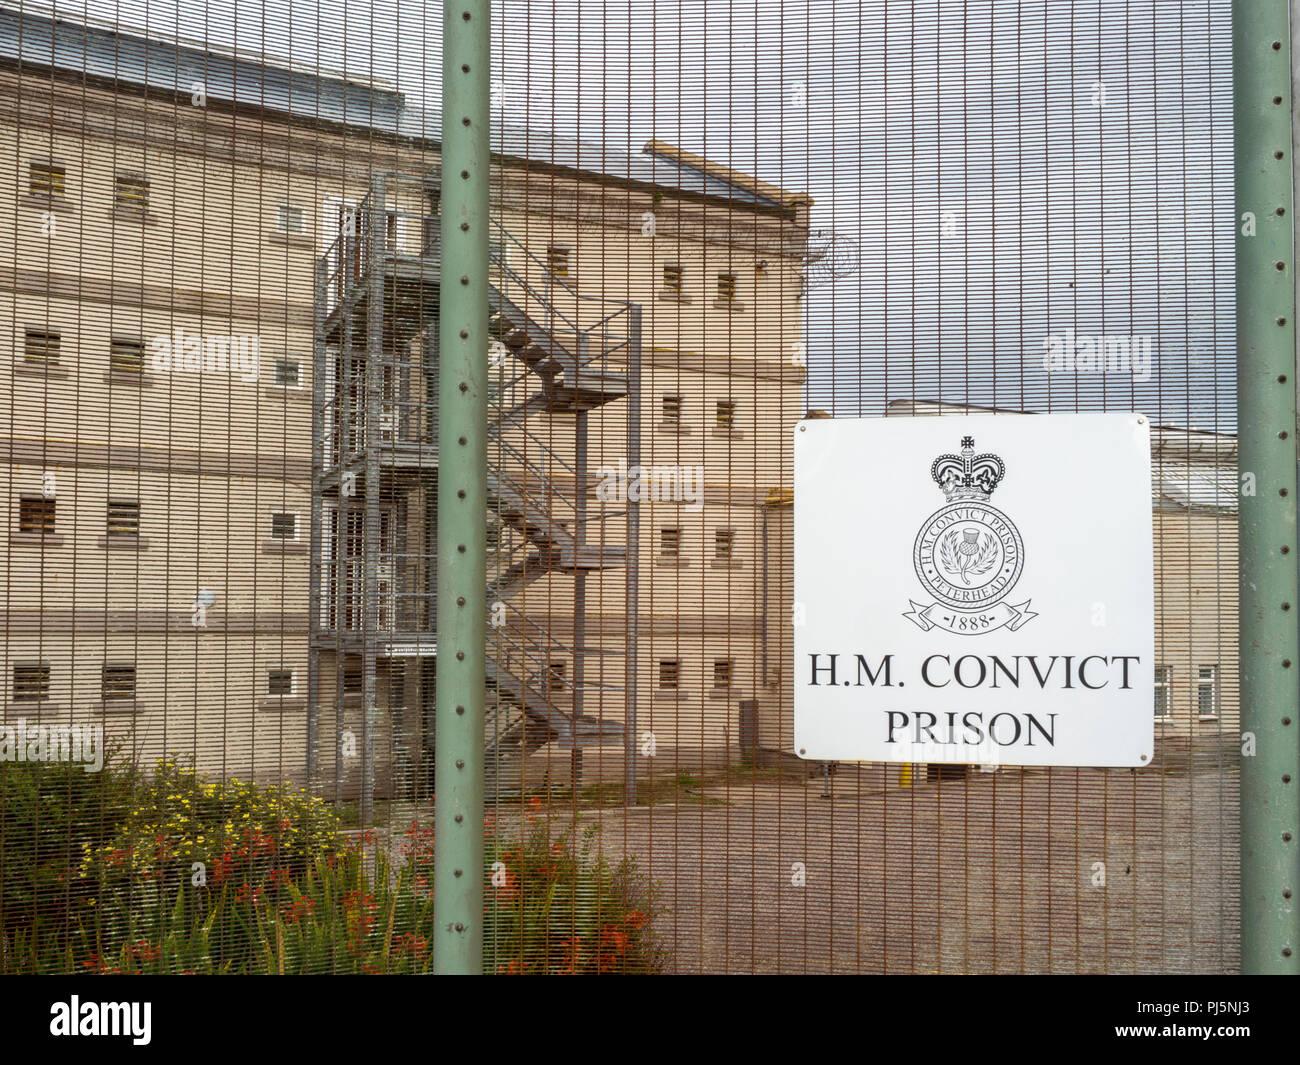 Zelle Bausteine und Gebäude in Peterhead Gefängnis, Schottland. Ursprünglich im Jahre 1888 eröffnet, das Gefängnis geschlossen in 2013 und ist heute als Museum erhalten. Stockfoto